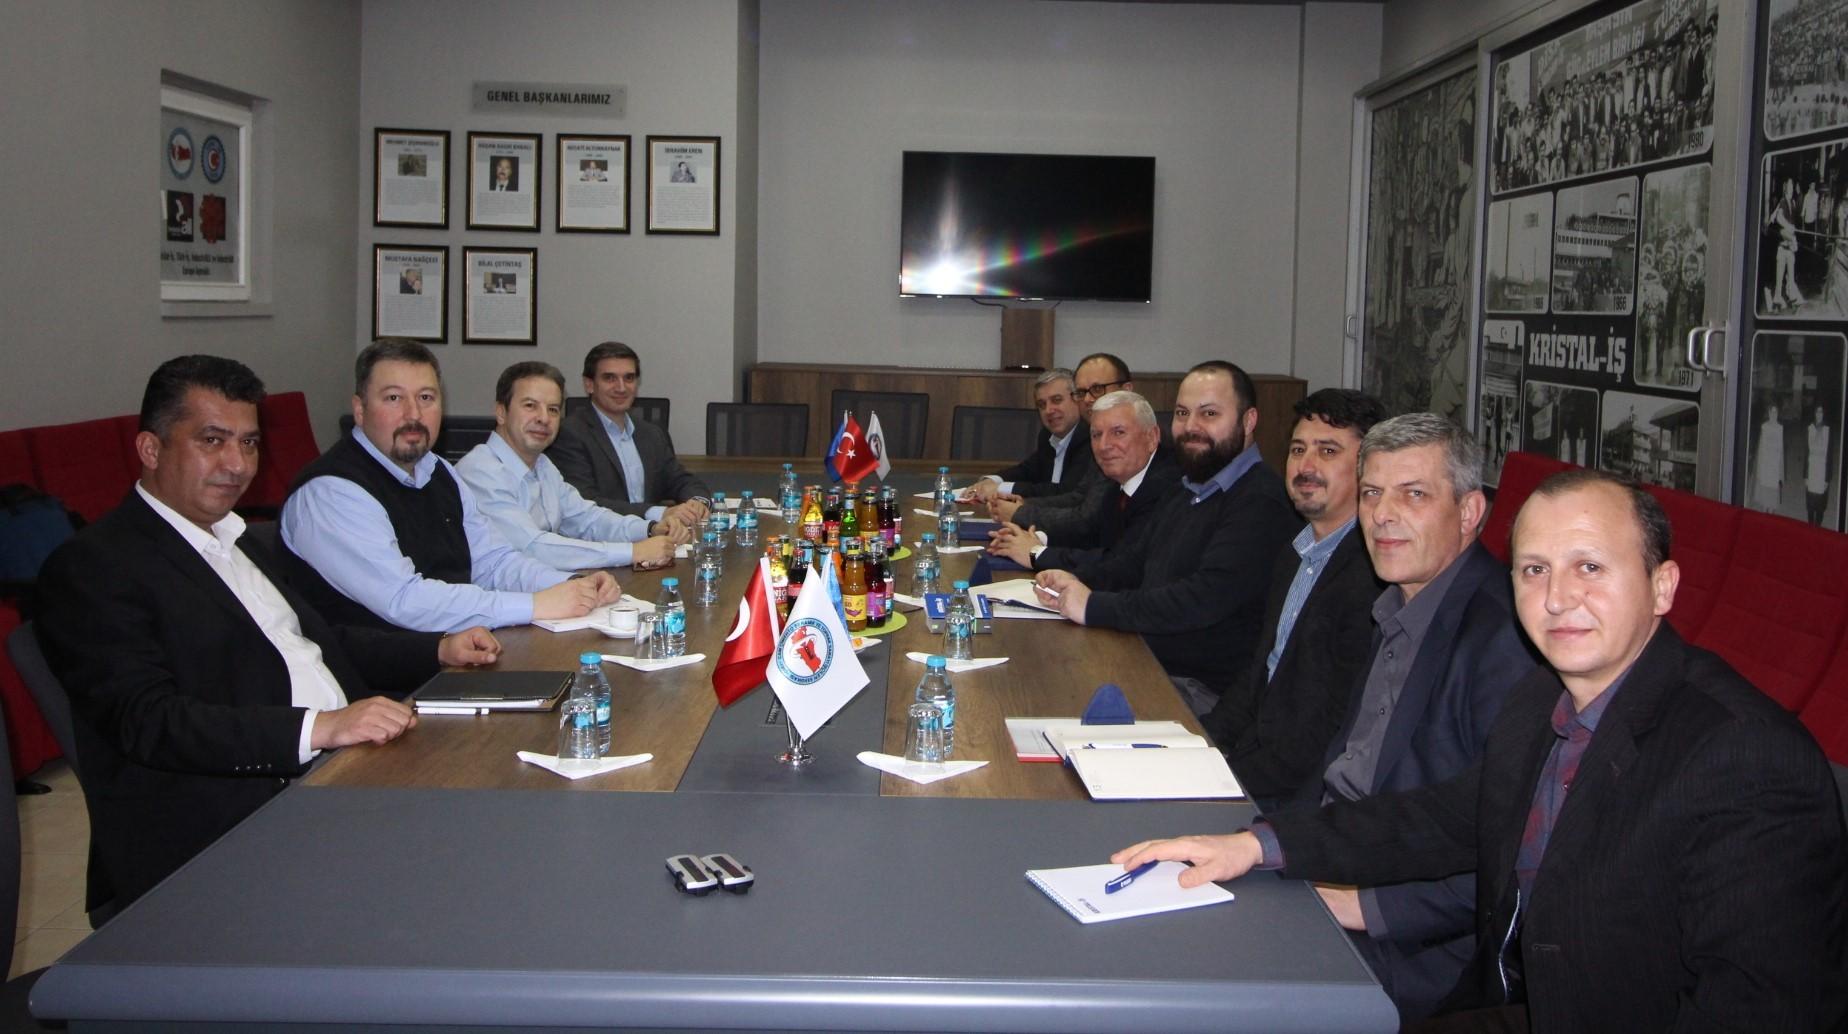 Knauf Insulation İzolasyon Sanayi ve Ticaret A.Ş. ile toplu iş sözleşmesi görüşmeleri başladı